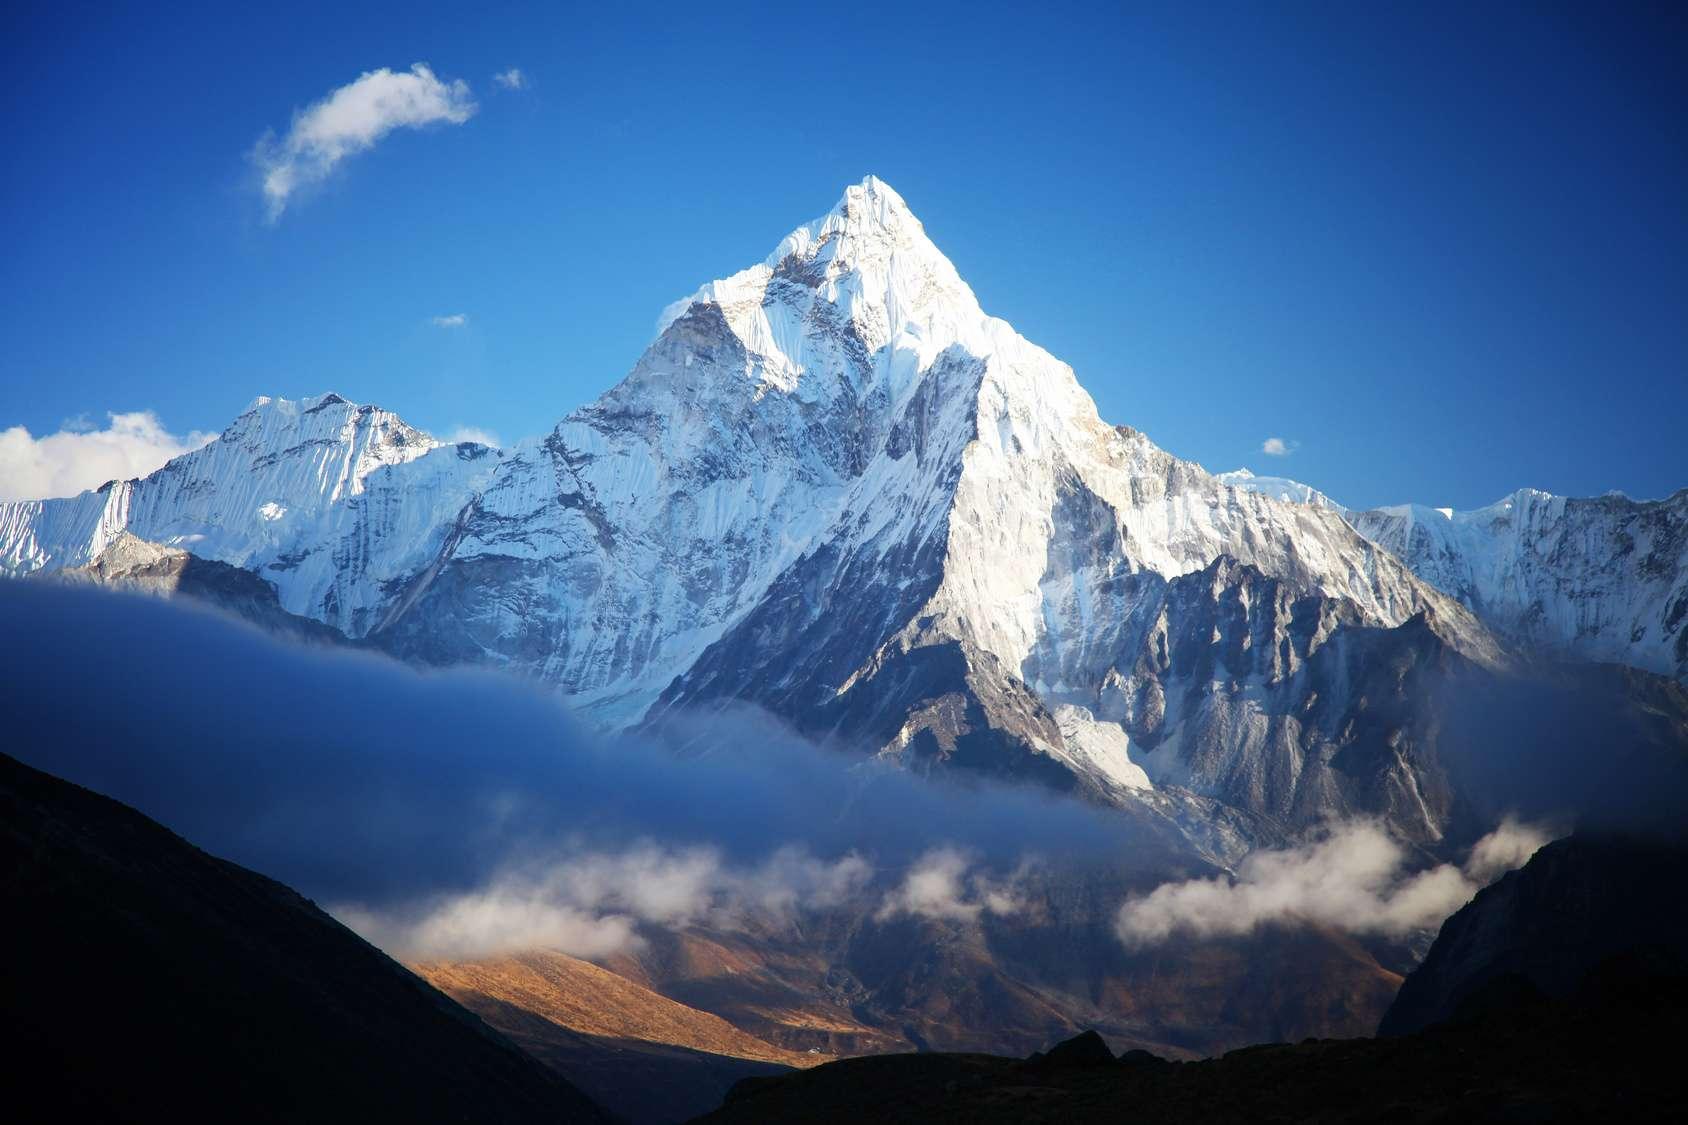 La hauteur officielle du mont Everest est désormais de 8.848,86 mètres, soit 86 centimètres de plus que la précédente mesure officielle. © Tarik Goc, Fotolia